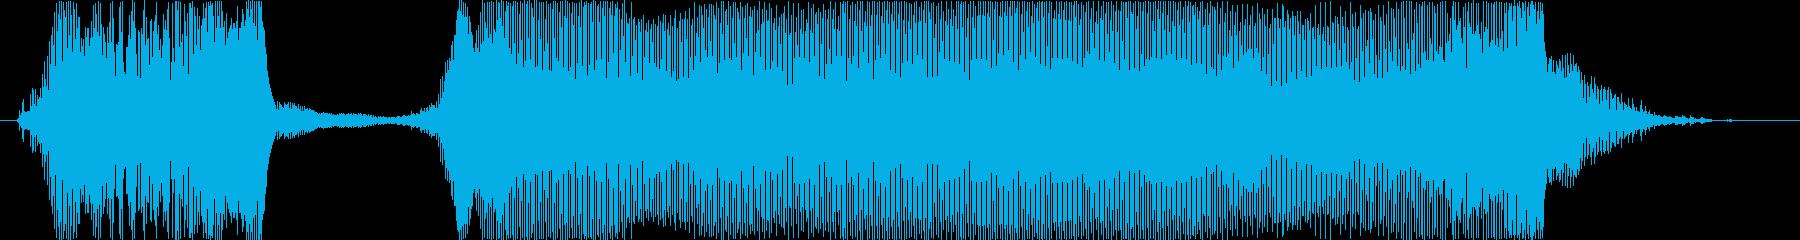 「バンザーイ!」の再生済みの波形